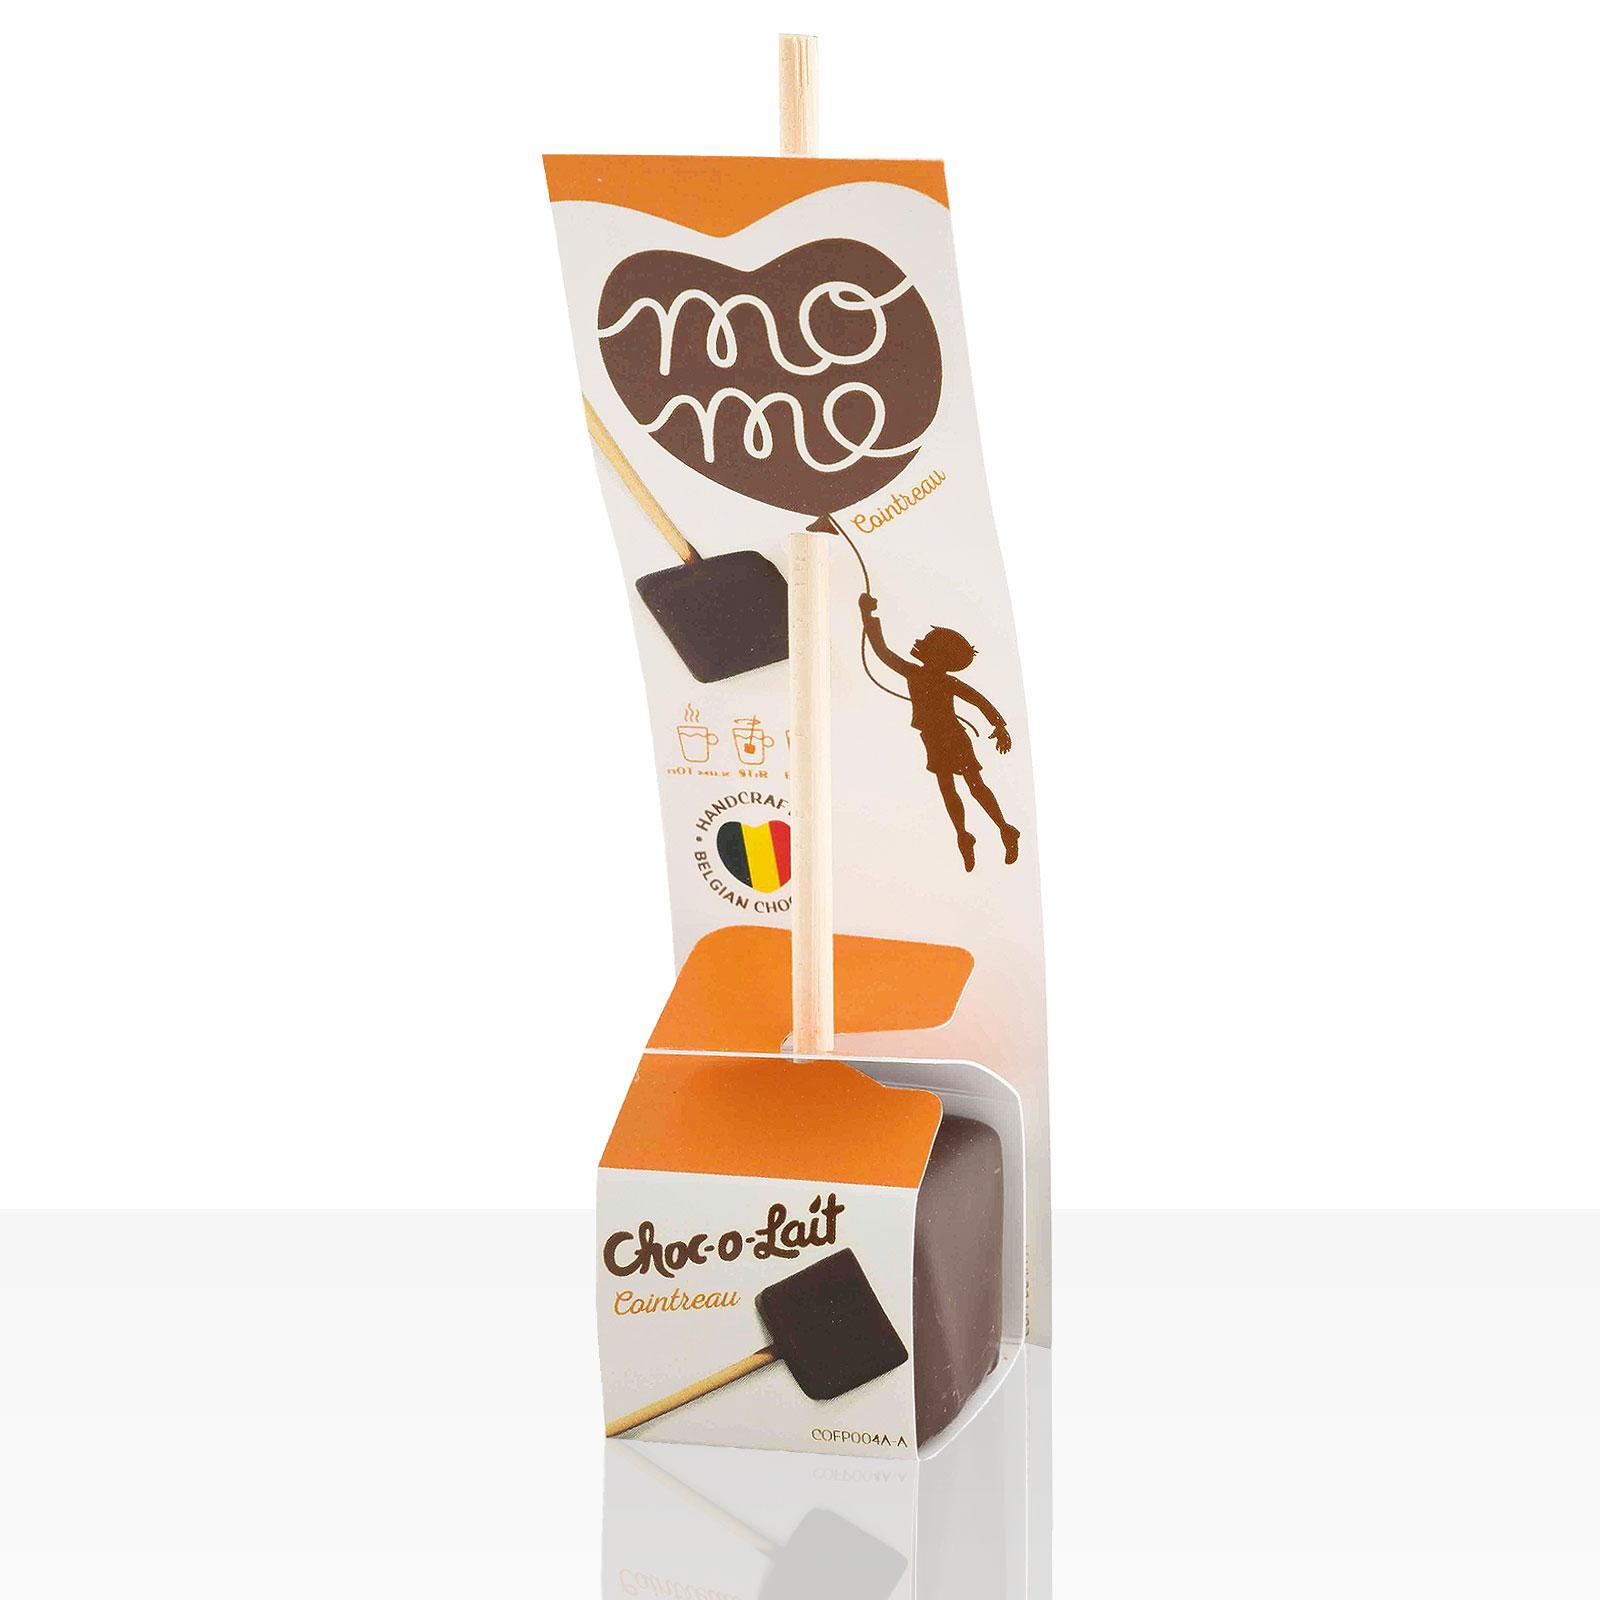 Choc-o-lait Trinkschokolade am Stiel Cointreau 1Stk